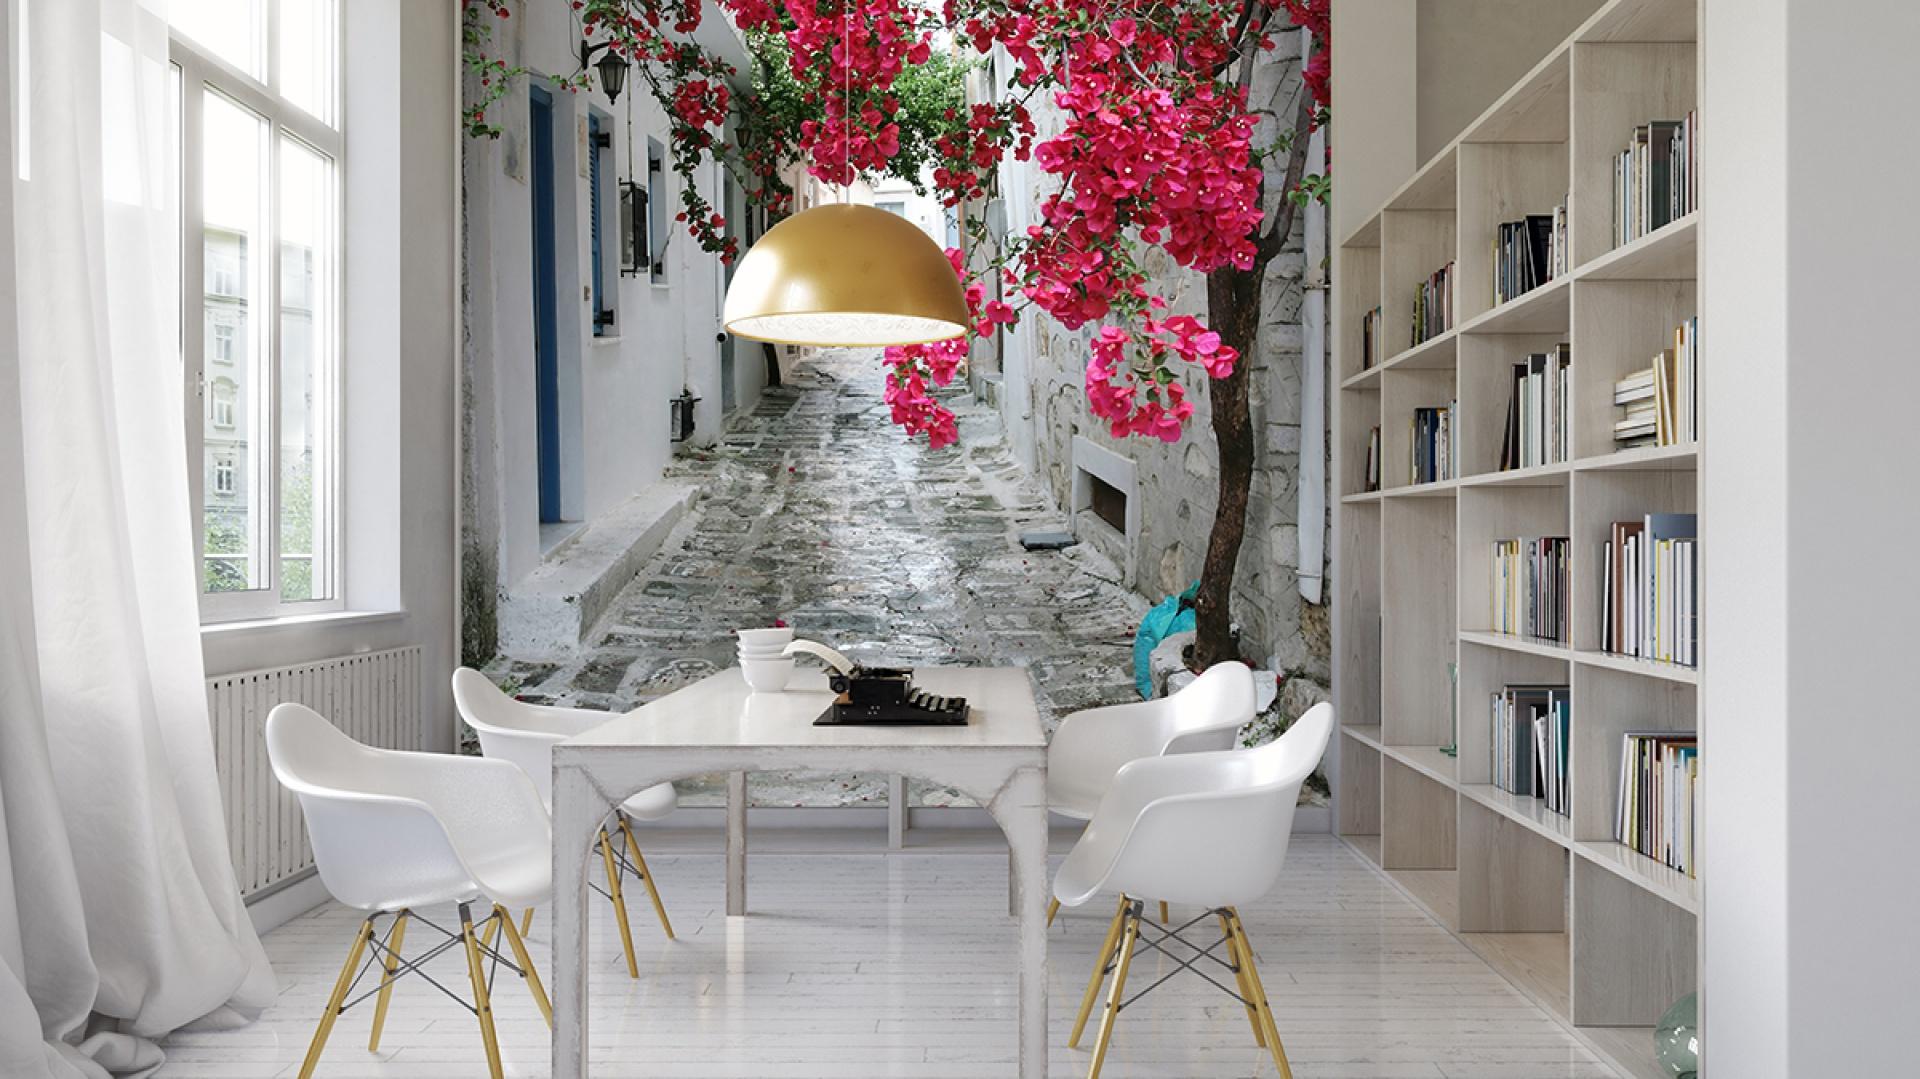 Romantyczna uliczka gdzieś nad Morzem Śródziemnym, a w niej piękne kwiaty... Fot. Living Style